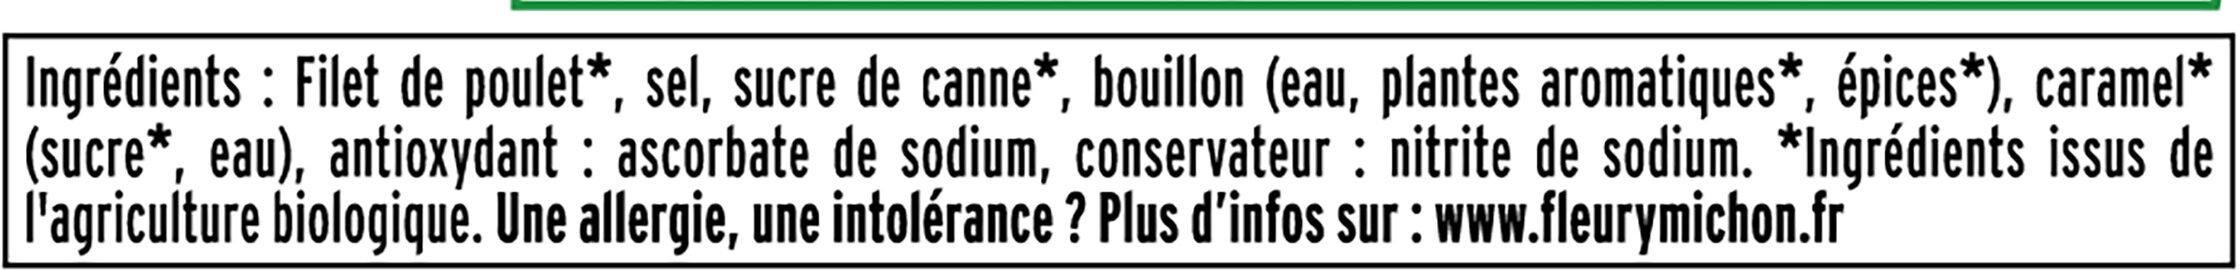 Blanc de poulet BIO - 4 tranches - Ingrédients - fr